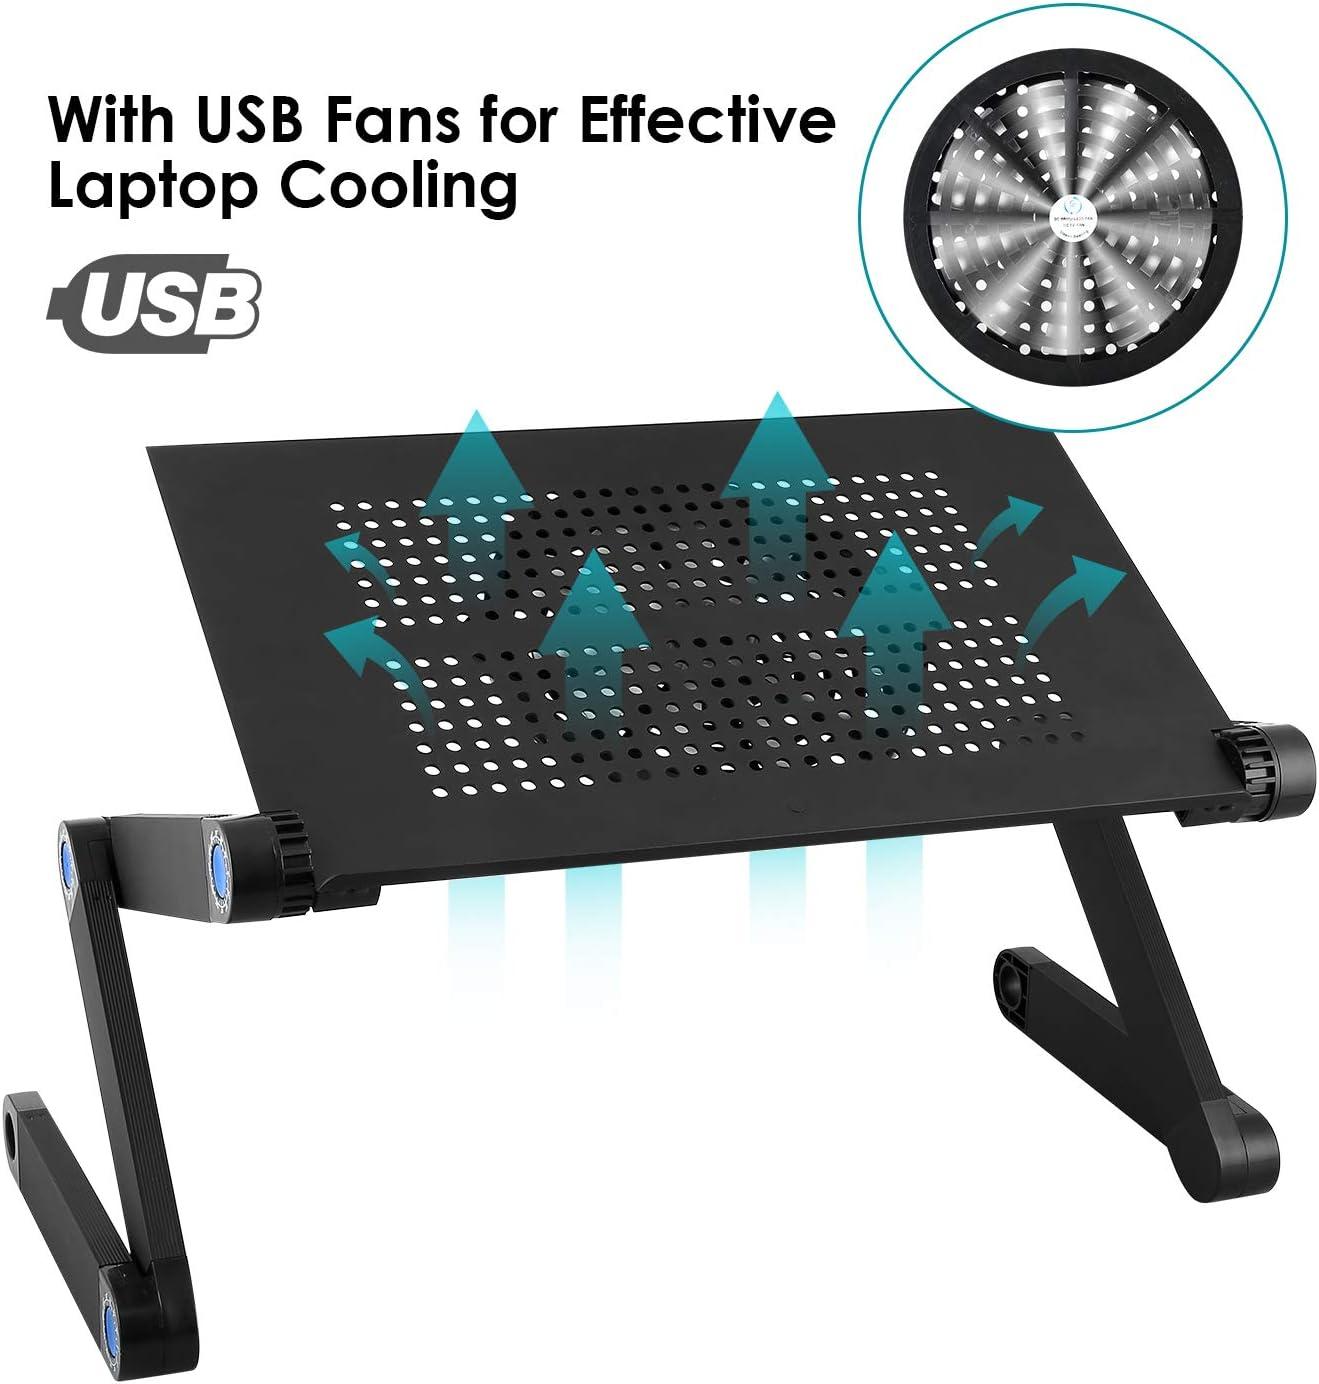 Tavolino Porta Pc Con Ventola Usb E Gambe Allungabili.Compra Online Mbuynow Supporto Per Pc Con Ventole Supporto Per